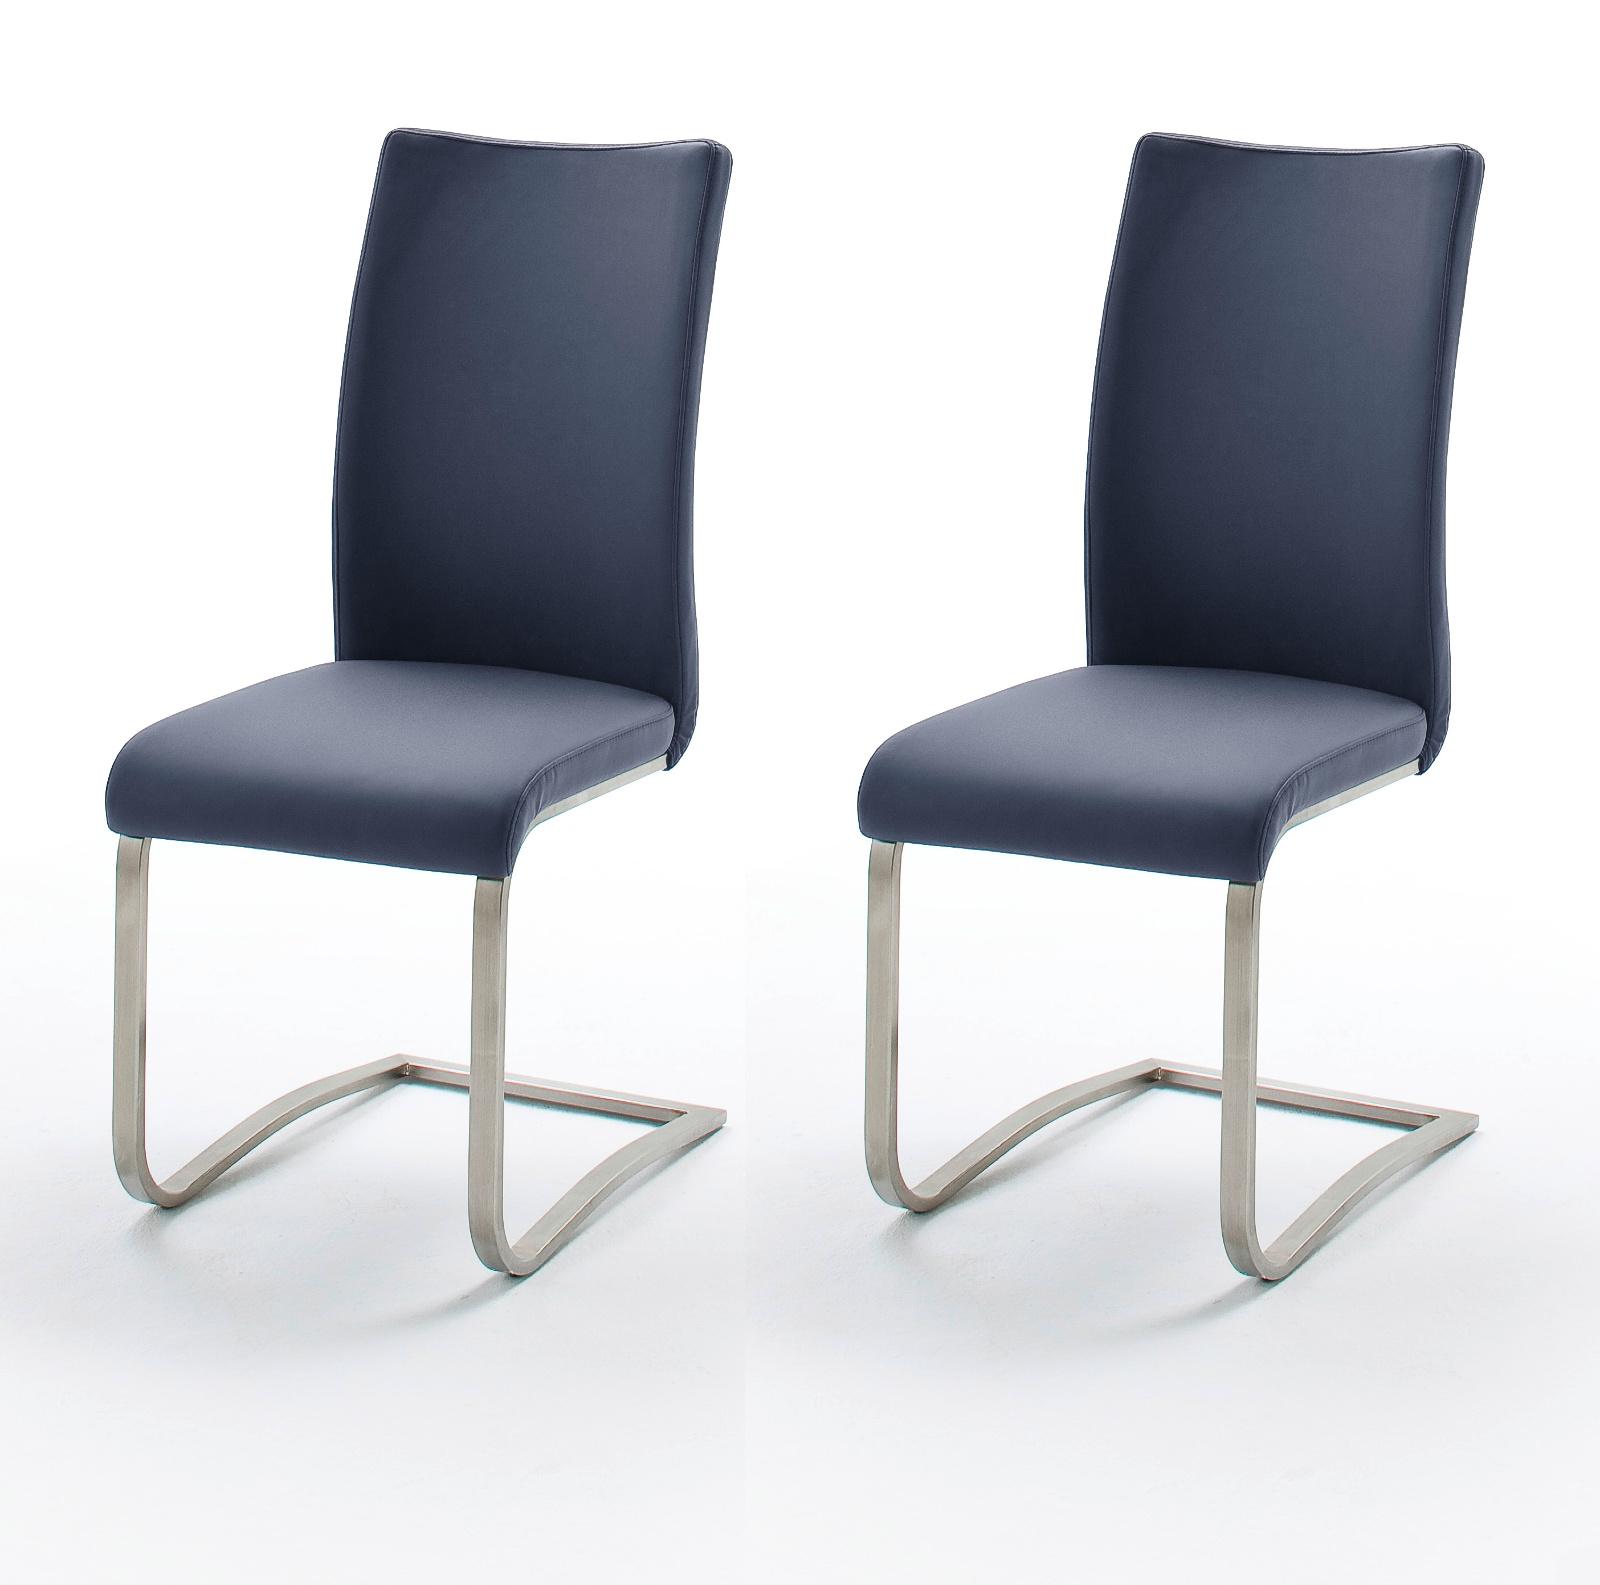 badm bel badschr nke wei hochglanz lack nussbaum dressy6. Black Bedroom Furniture Sets. Home Design Ideas